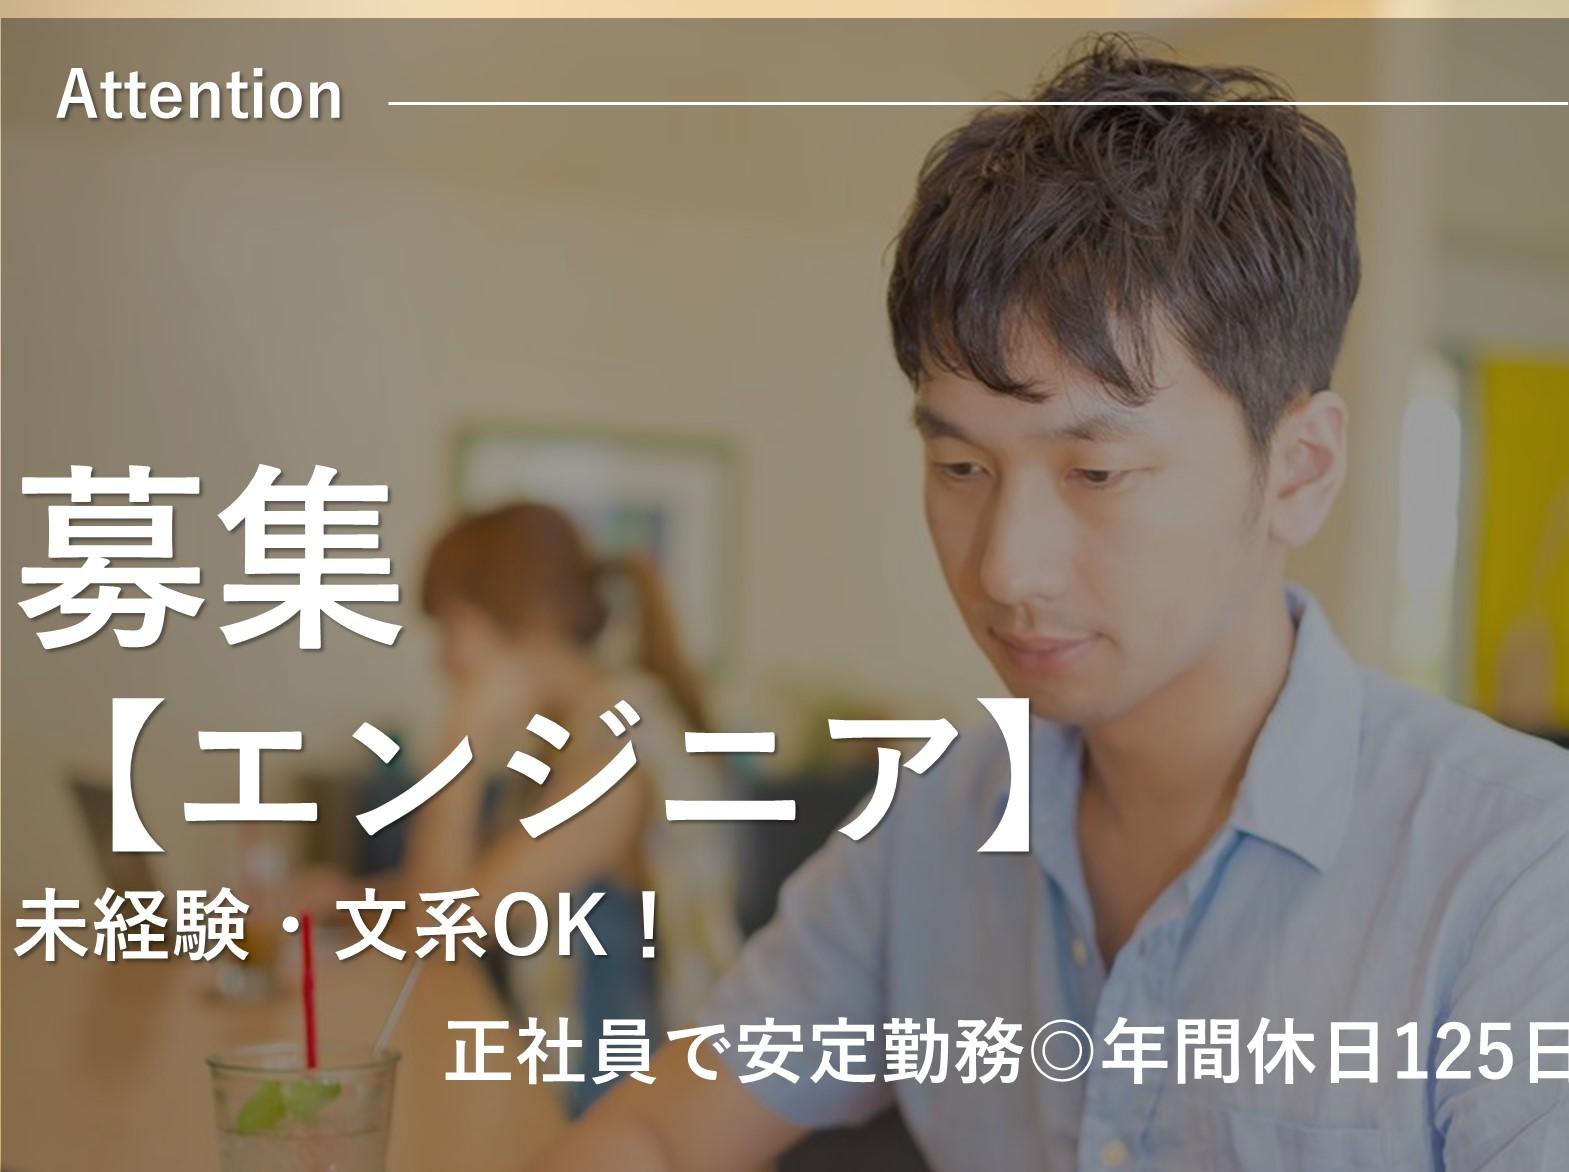 文系の方OK!未経験からスキルアップ!【エンジニア】即面談可能 イメージ